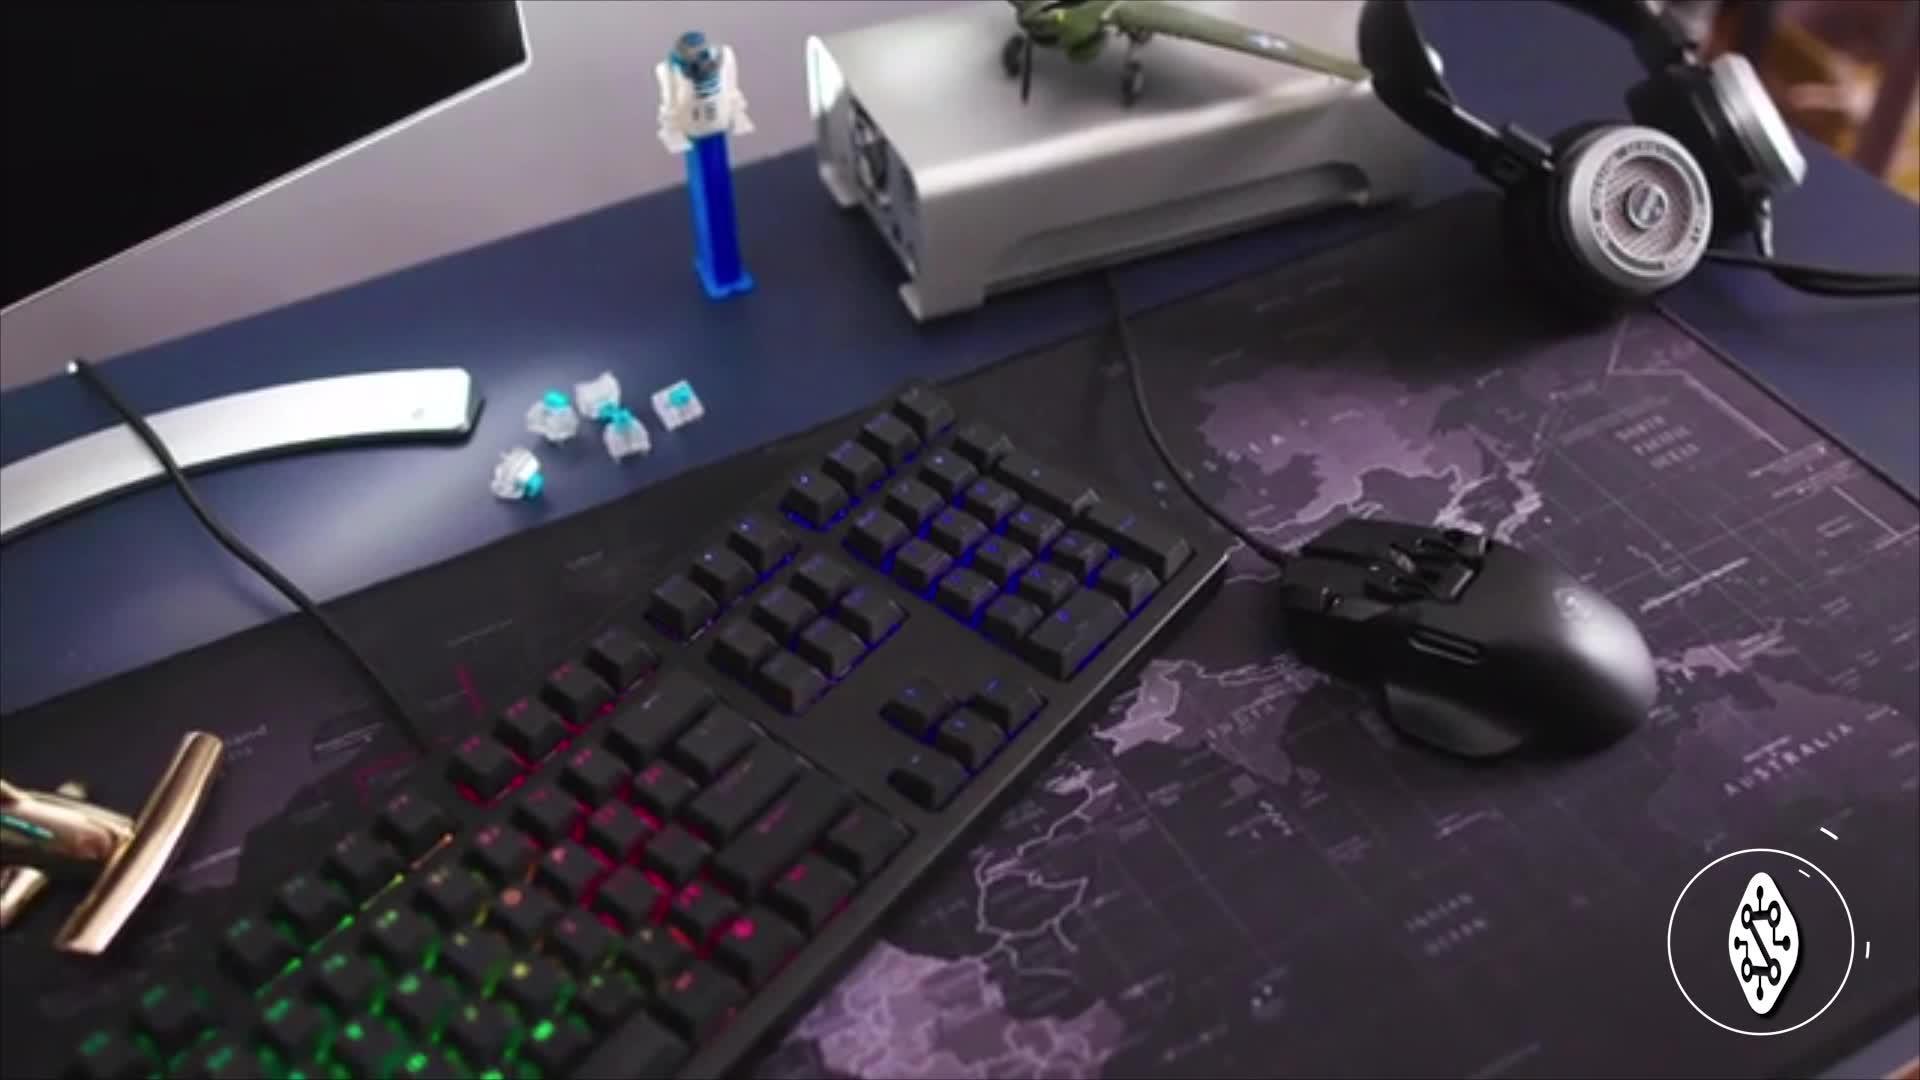 Keystone 为您提供精确控制并迎来键盘输入的新时代